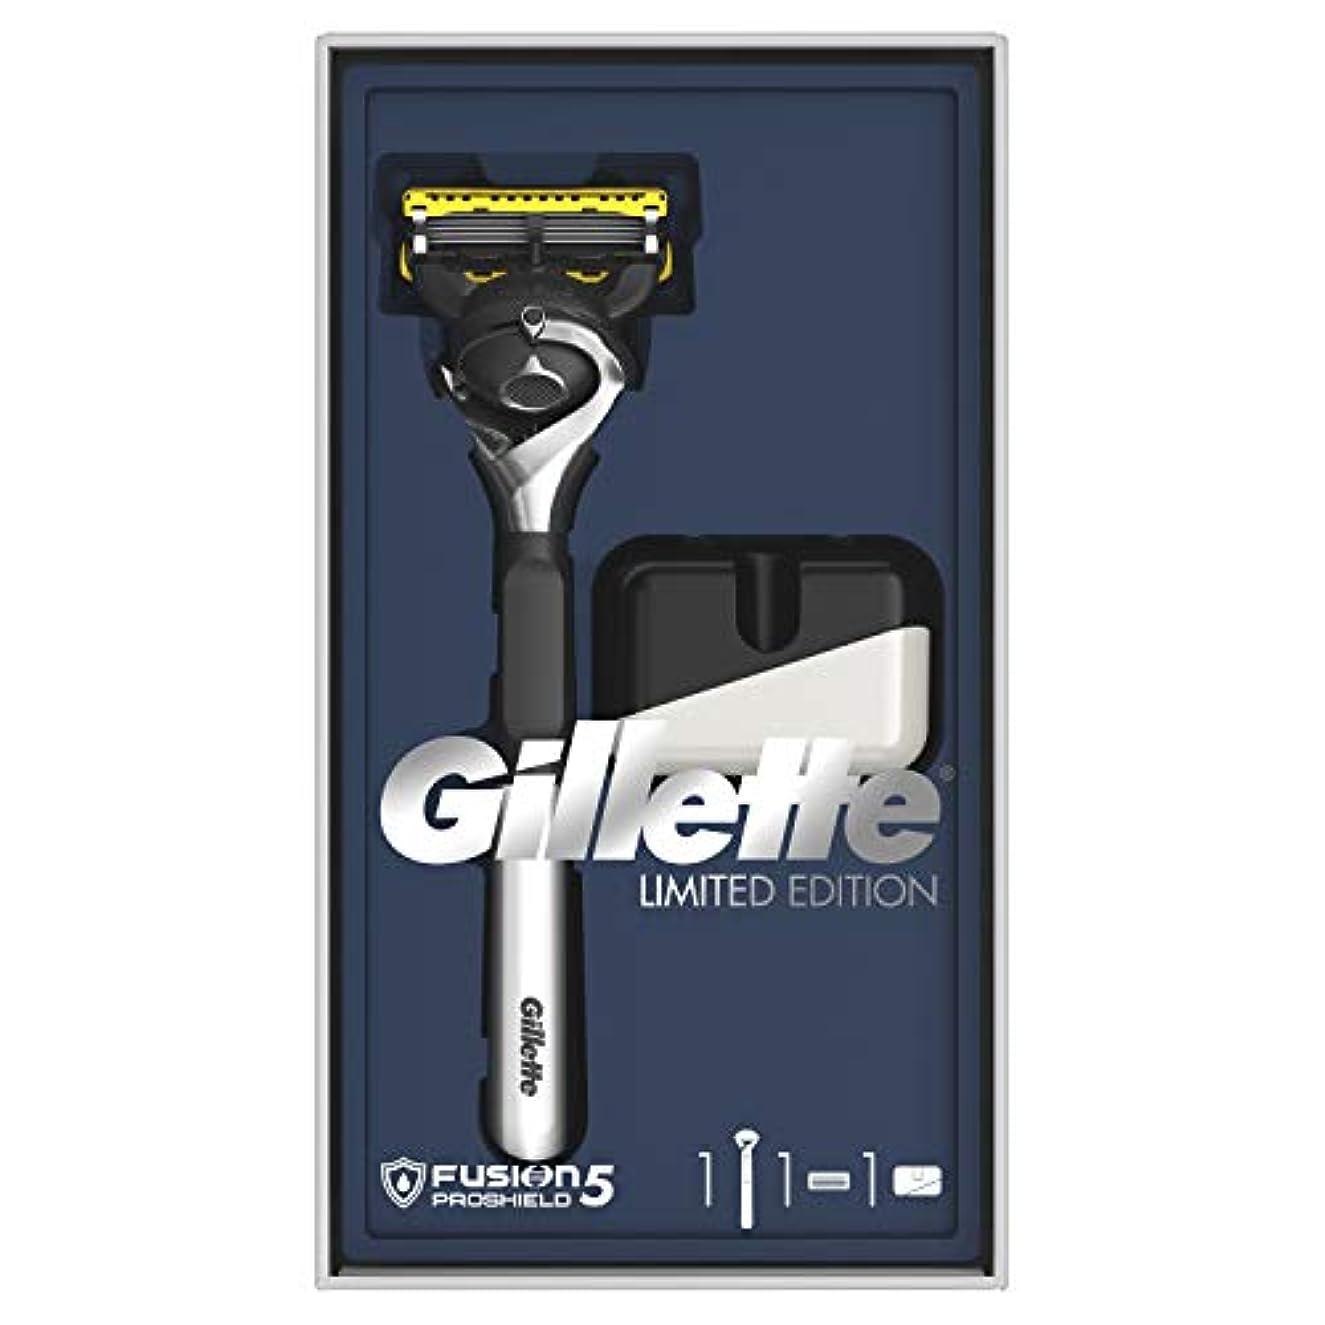 成熟した信念気をつけてジレット プロシールド 髭剃り本体+替刃1個 オリジナルスタンド付 スペシャルパッケージ